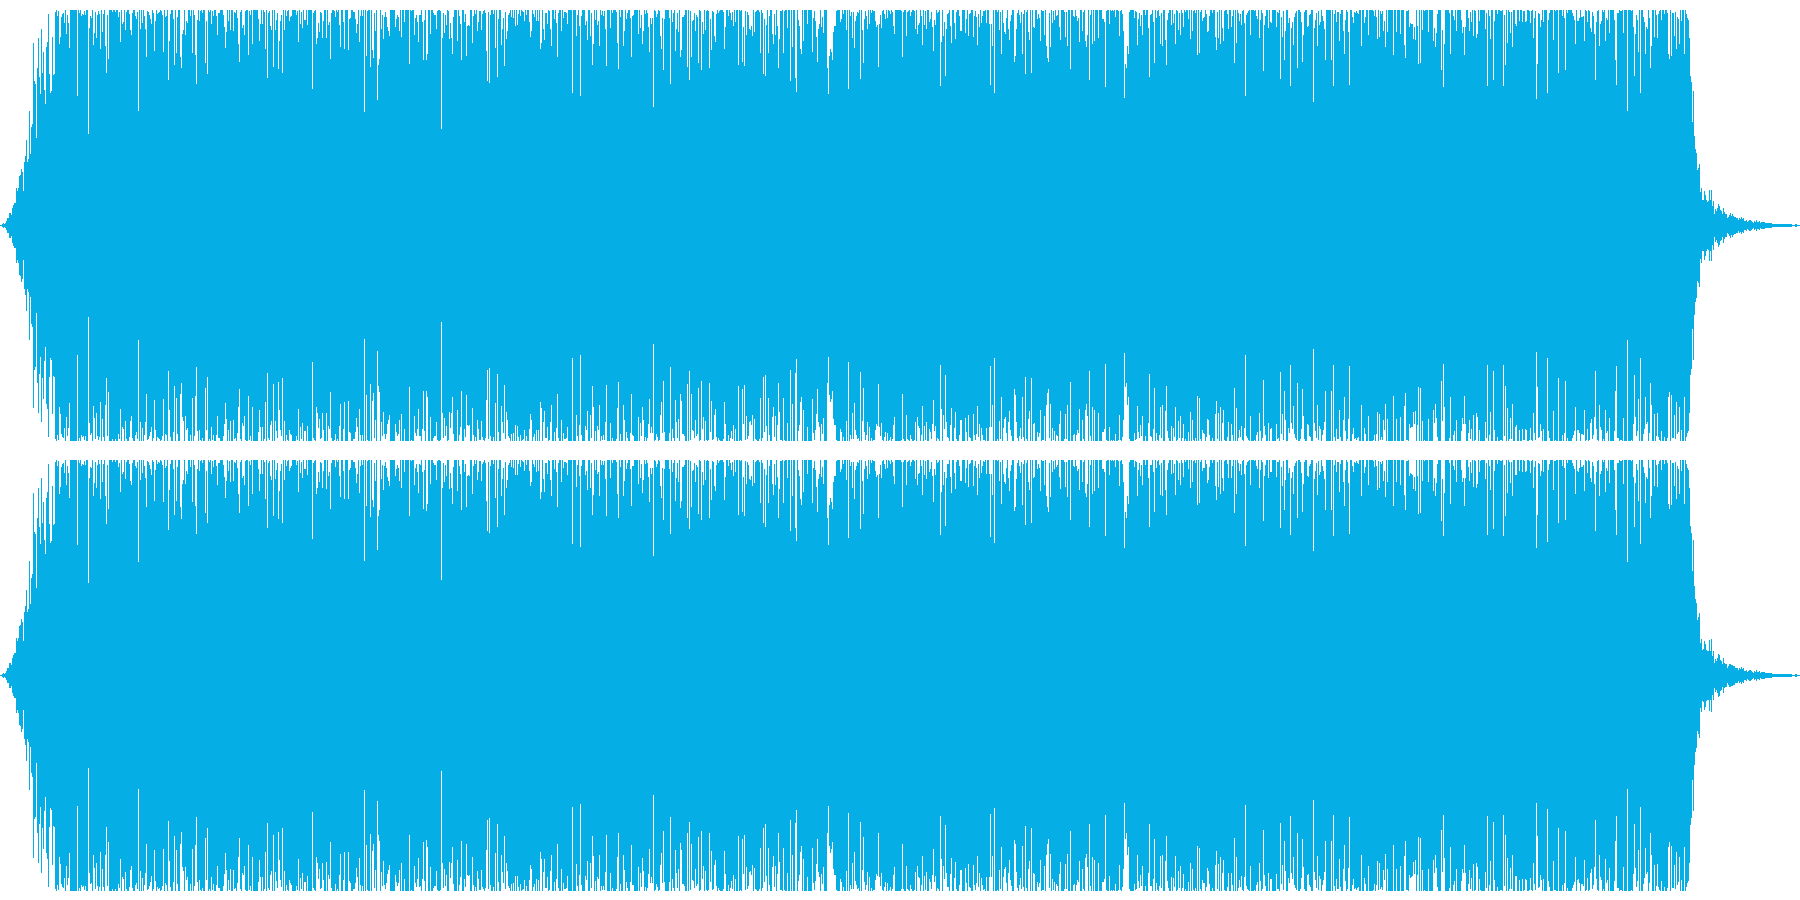 ゴー(地震、地鳴りの音)の再生済みの波形